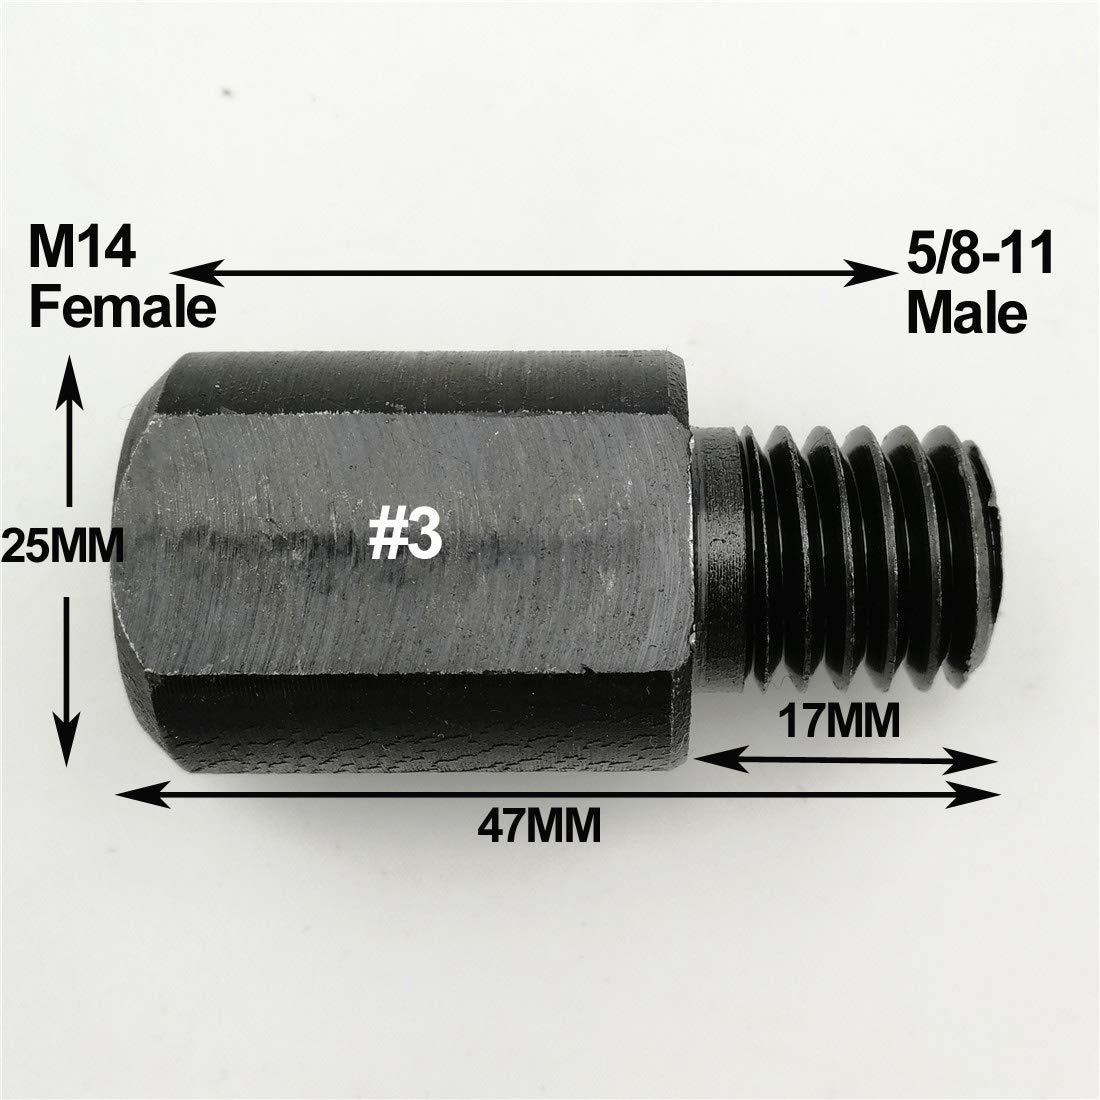 2pcs Core Bits adaptateur connexion Convertisseur Diff/érent Fil de Meule Adaptateur M14 /à M10